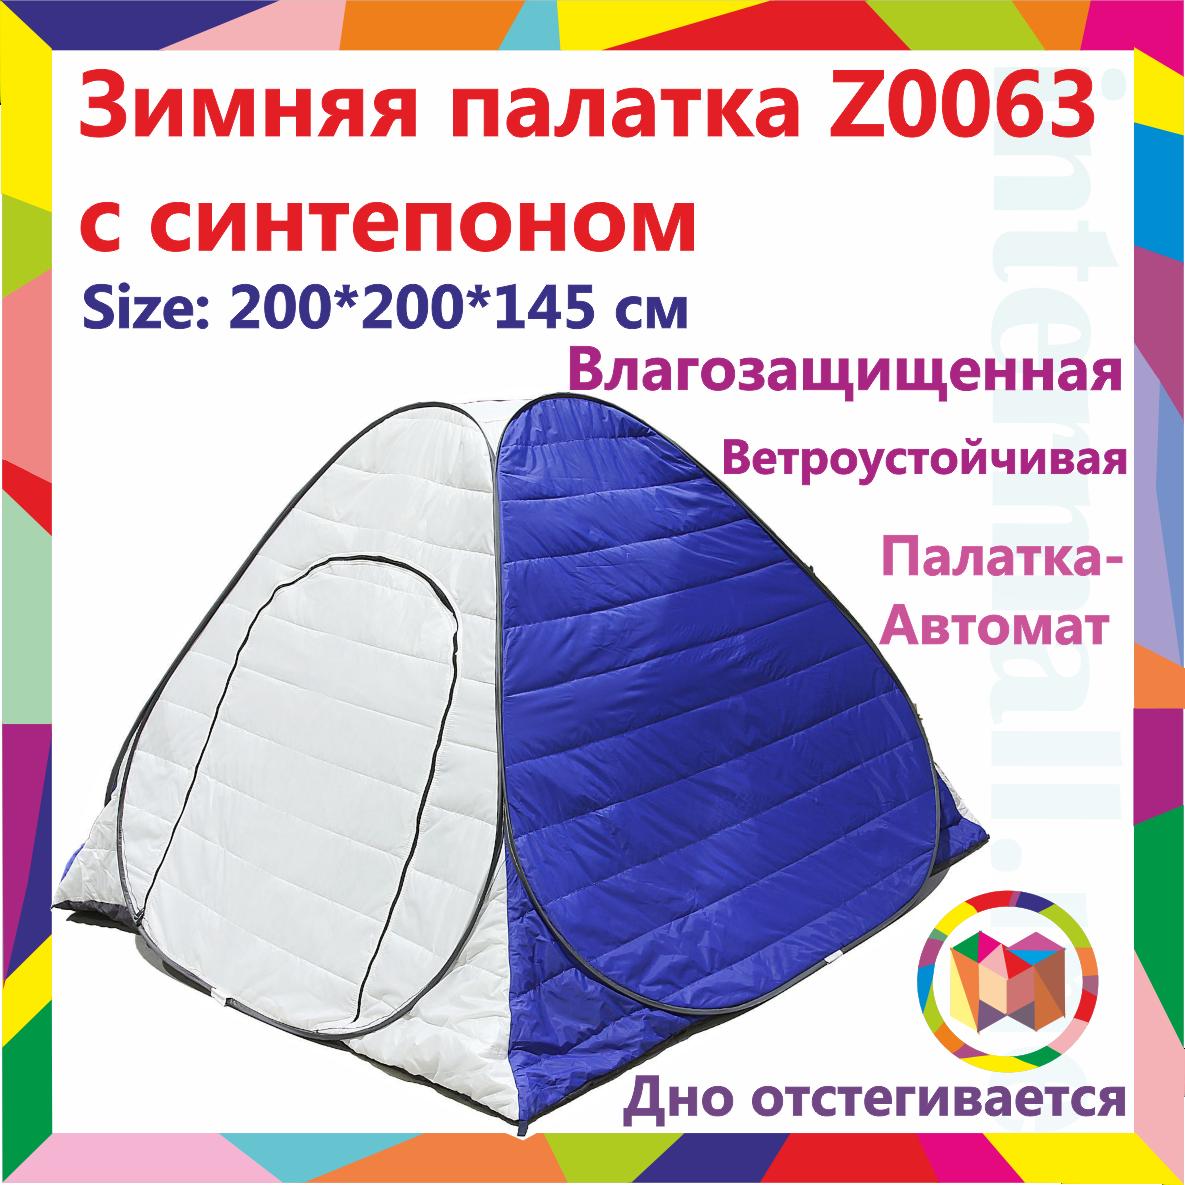 Двухместная палатка автомат с синтепоном, зимняя, водонепроницаемая,для зимней рыбалки 200*200*145см